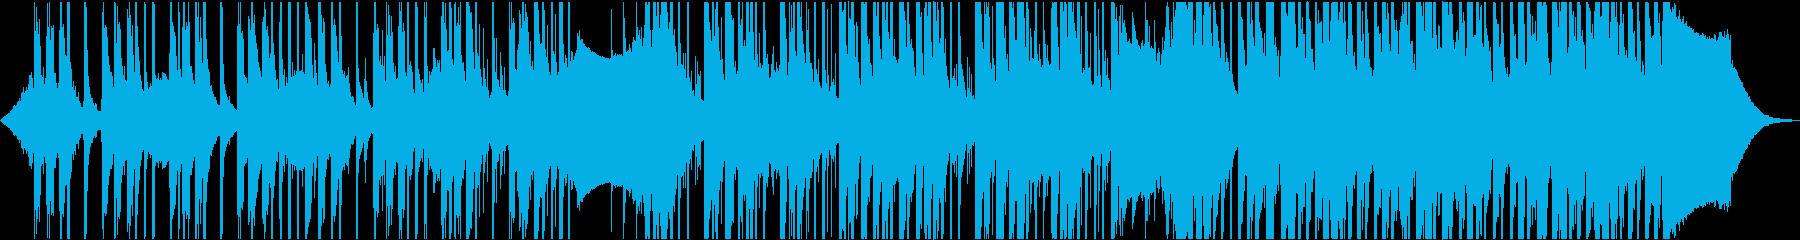 ワールド 民族 トロピカル 民謡 ...の再生済みの波形